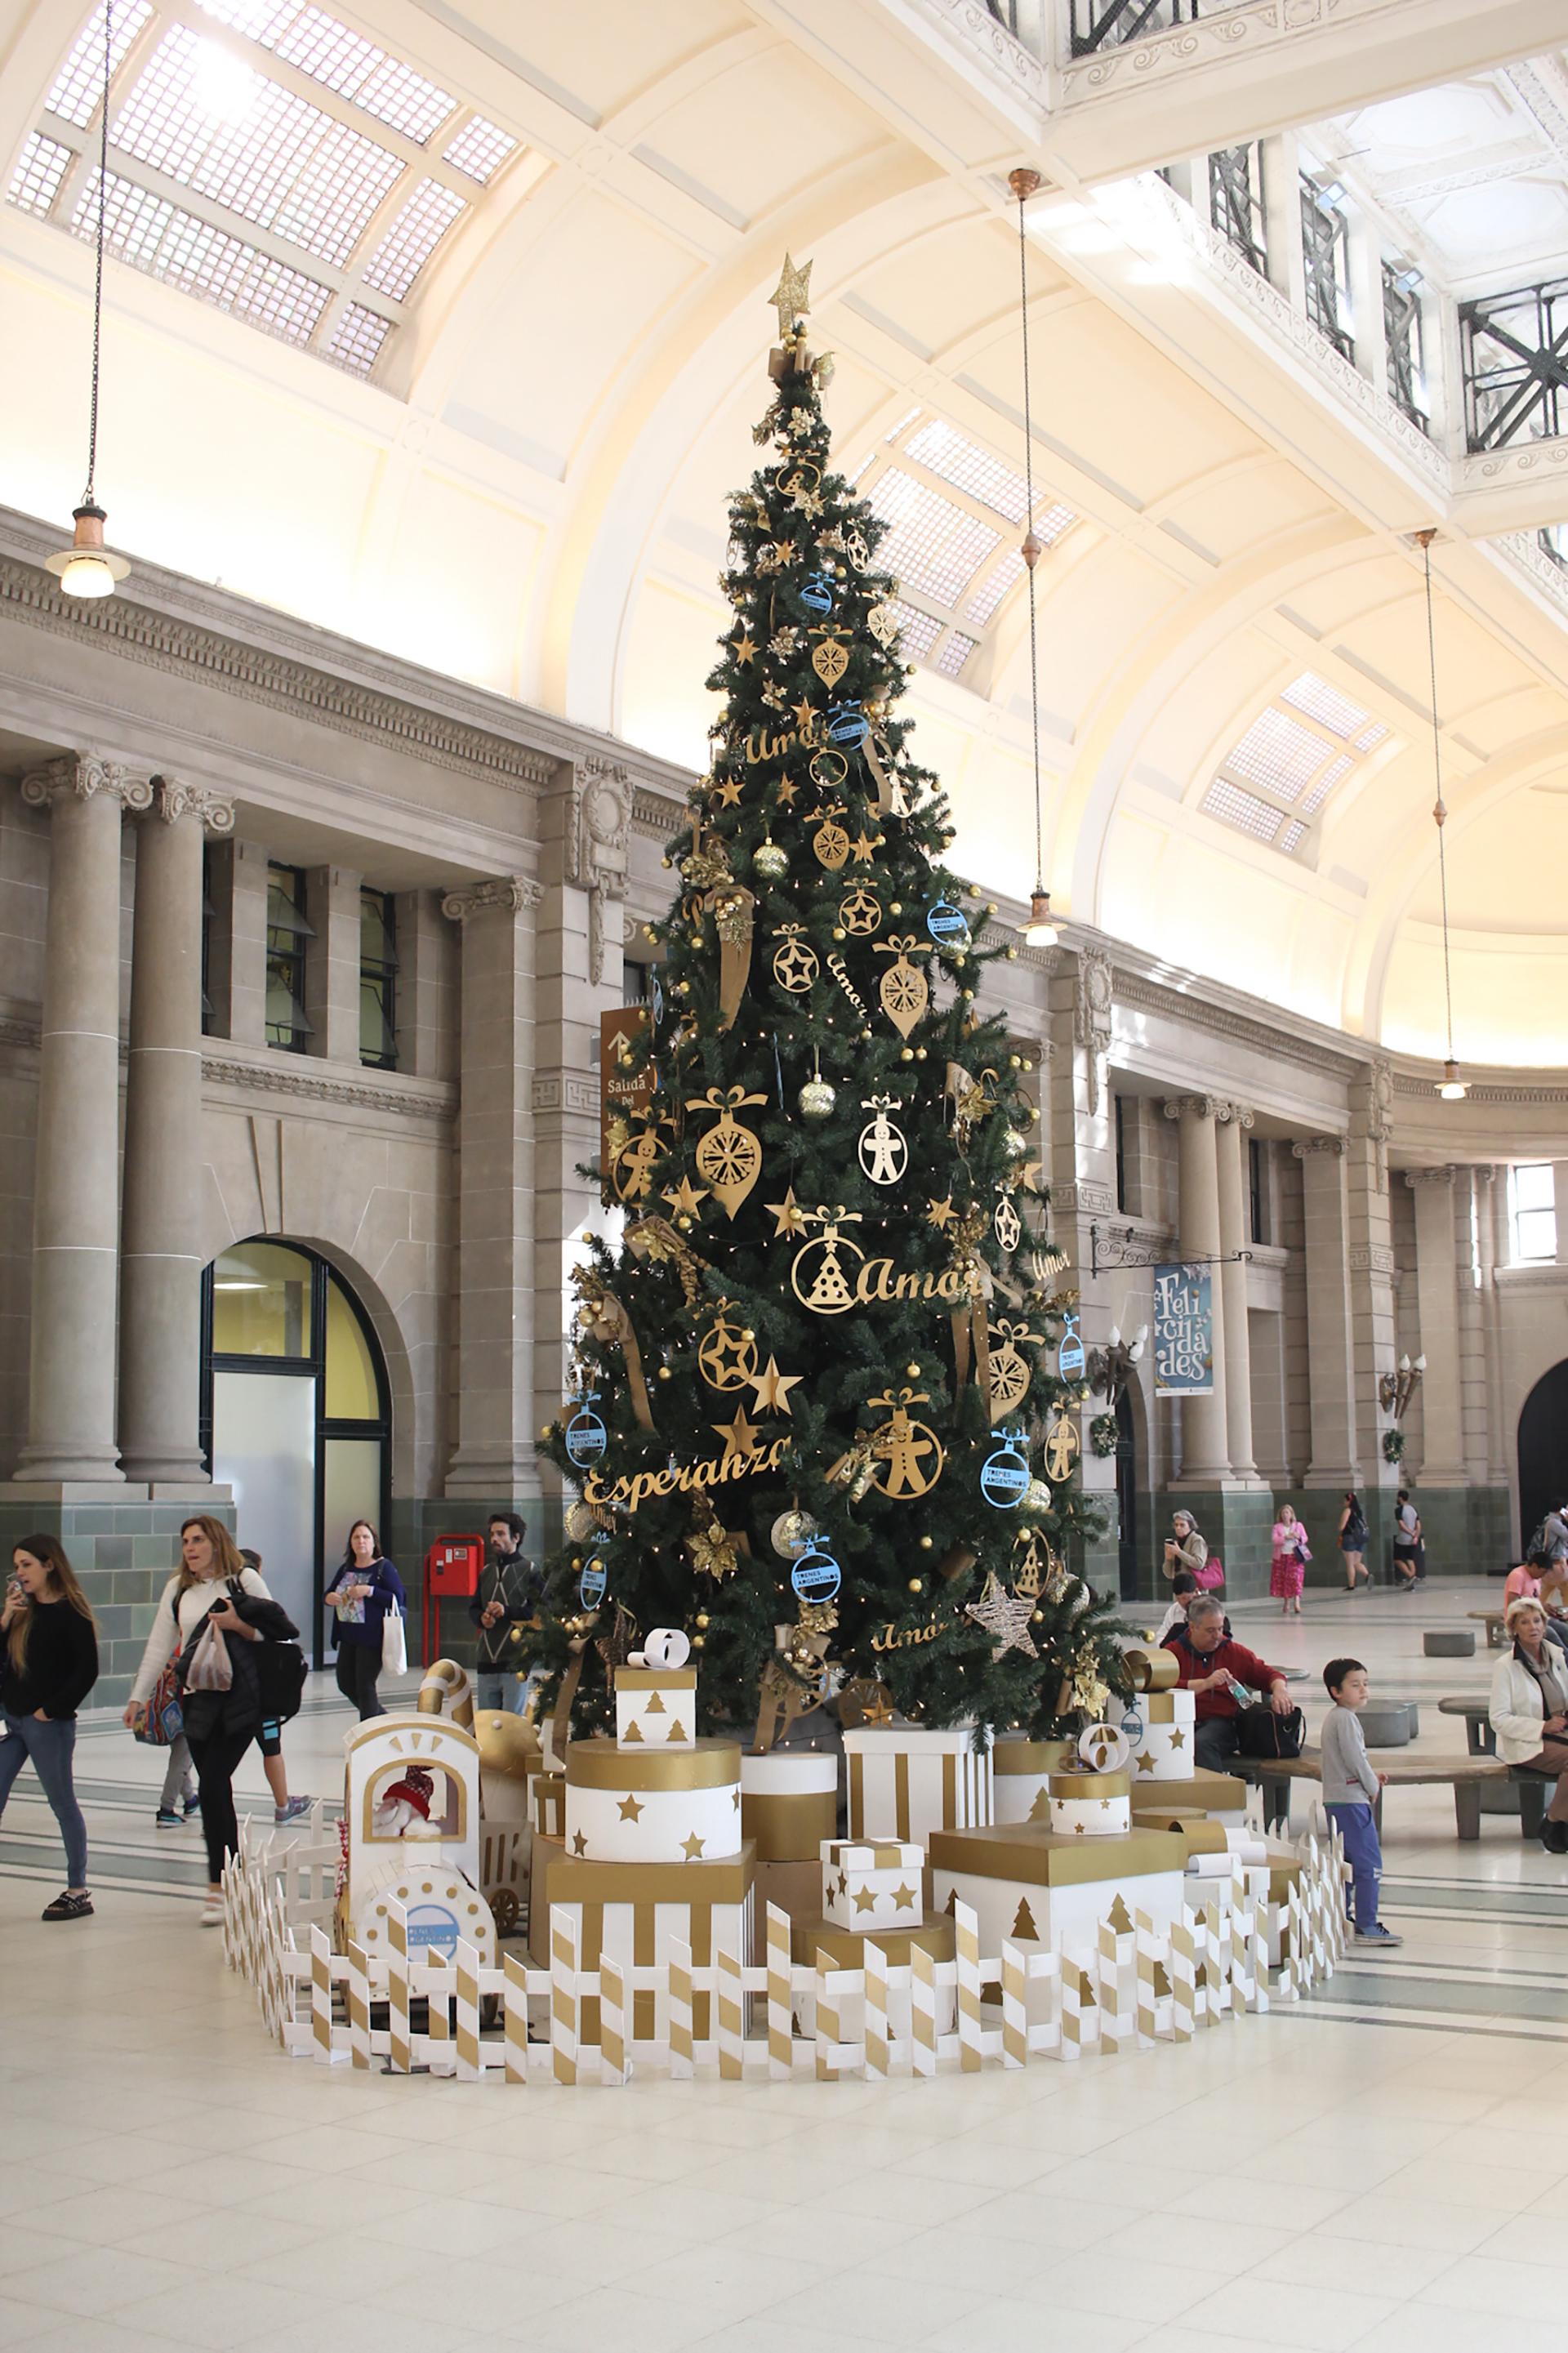 RETIRO, BUENOS AIRES. El árbol de Navidad de 8 metros de altura ubicado en la estación de subte de Retiro. Con adornos de la temática en celeste y dorado, los creadores fueron Trenes Argentinos